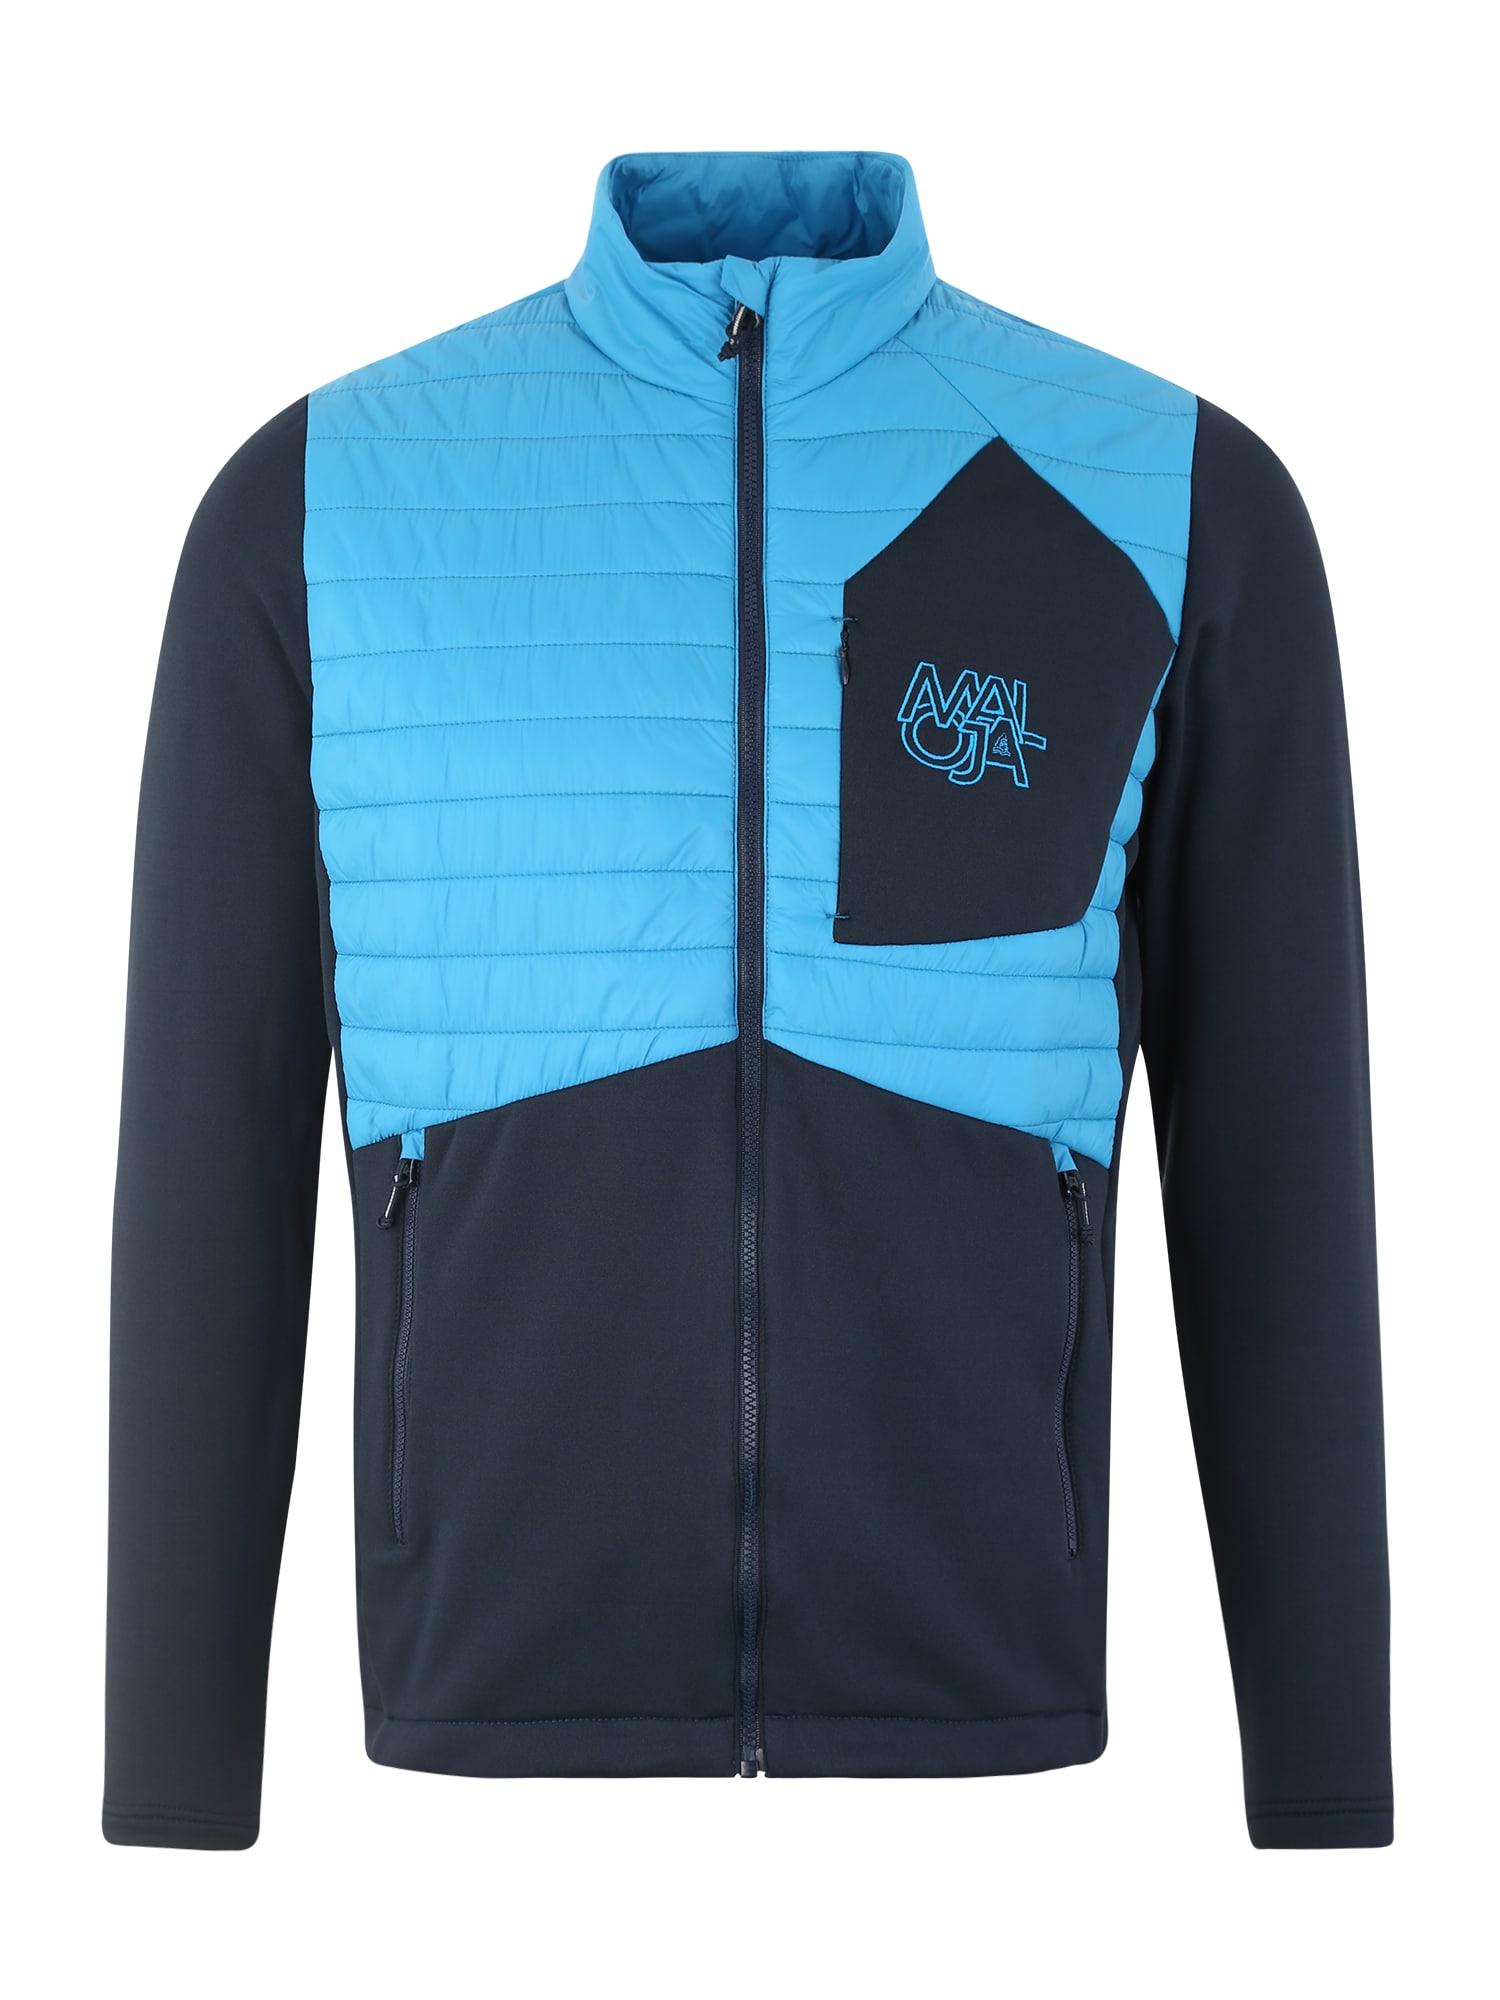 Sportovní bunda Poz M. světlemodrá tmavě modrá Maloja